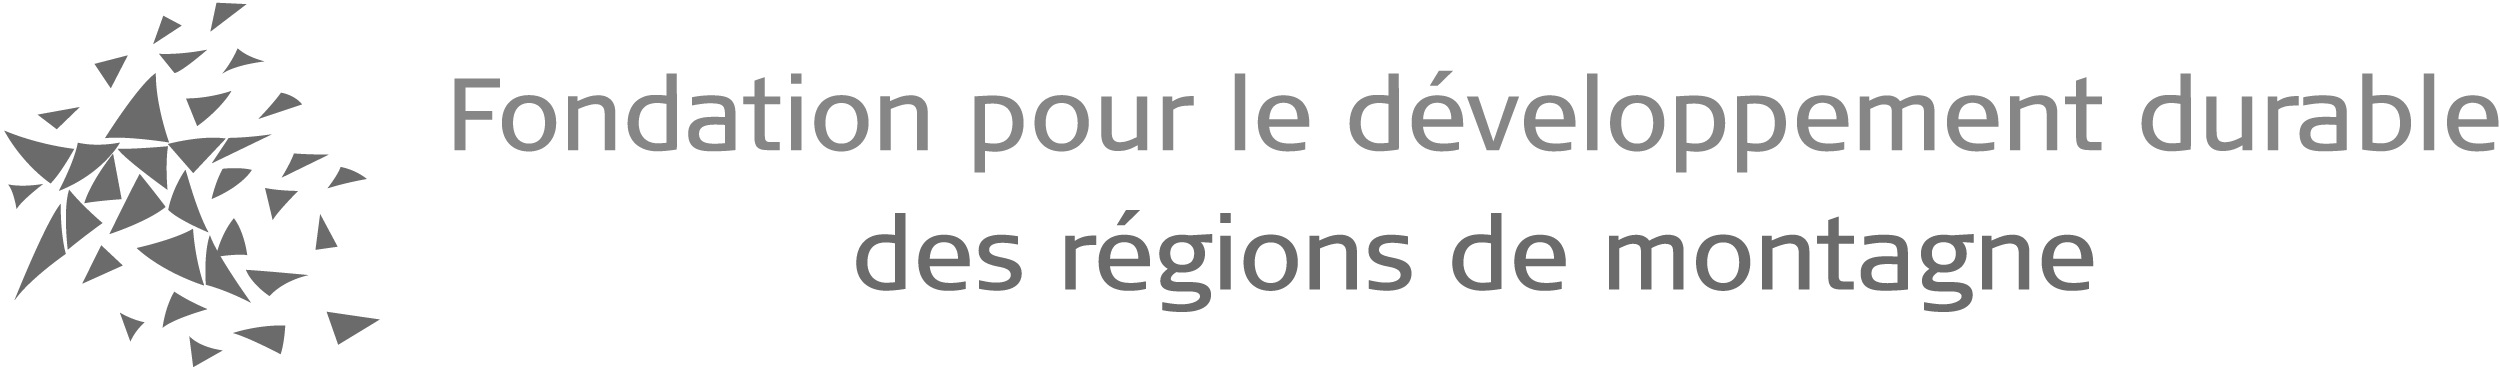 logo-fddm-fr.png